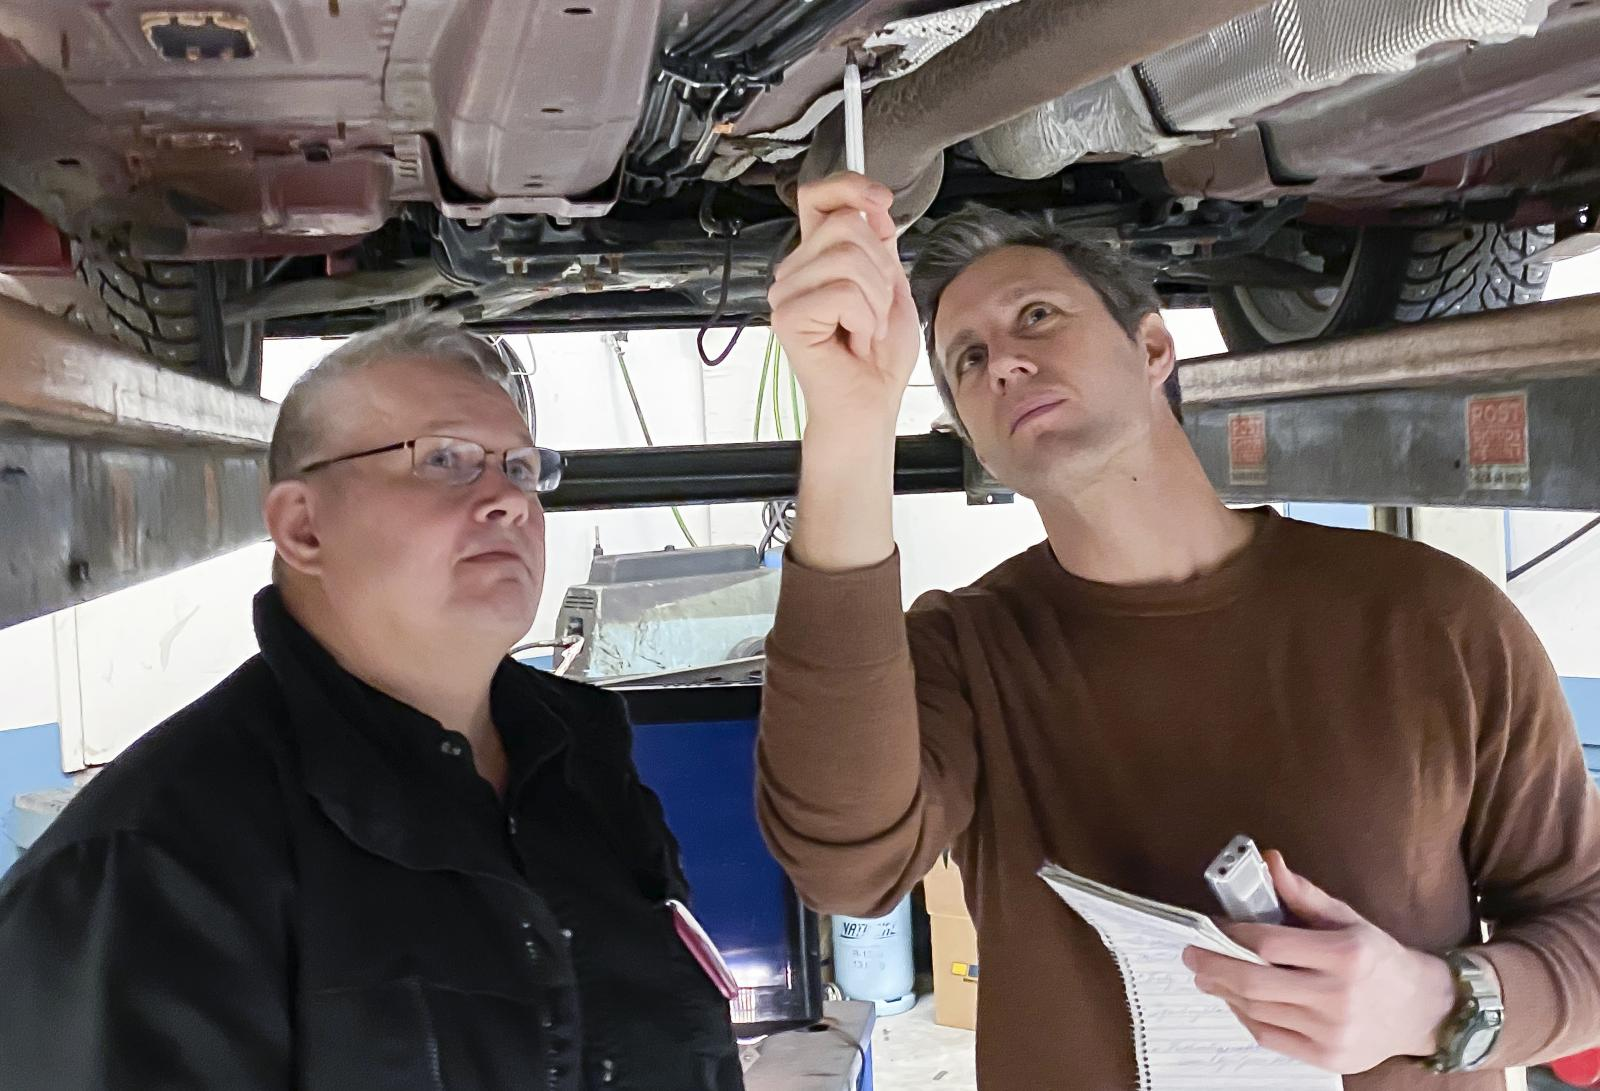 Rostskyddsexpert Thomas Widström och bilreporter Klas Skarin konstaterar att värmesköldens fästen rostat bort av galvanisk påverkan.